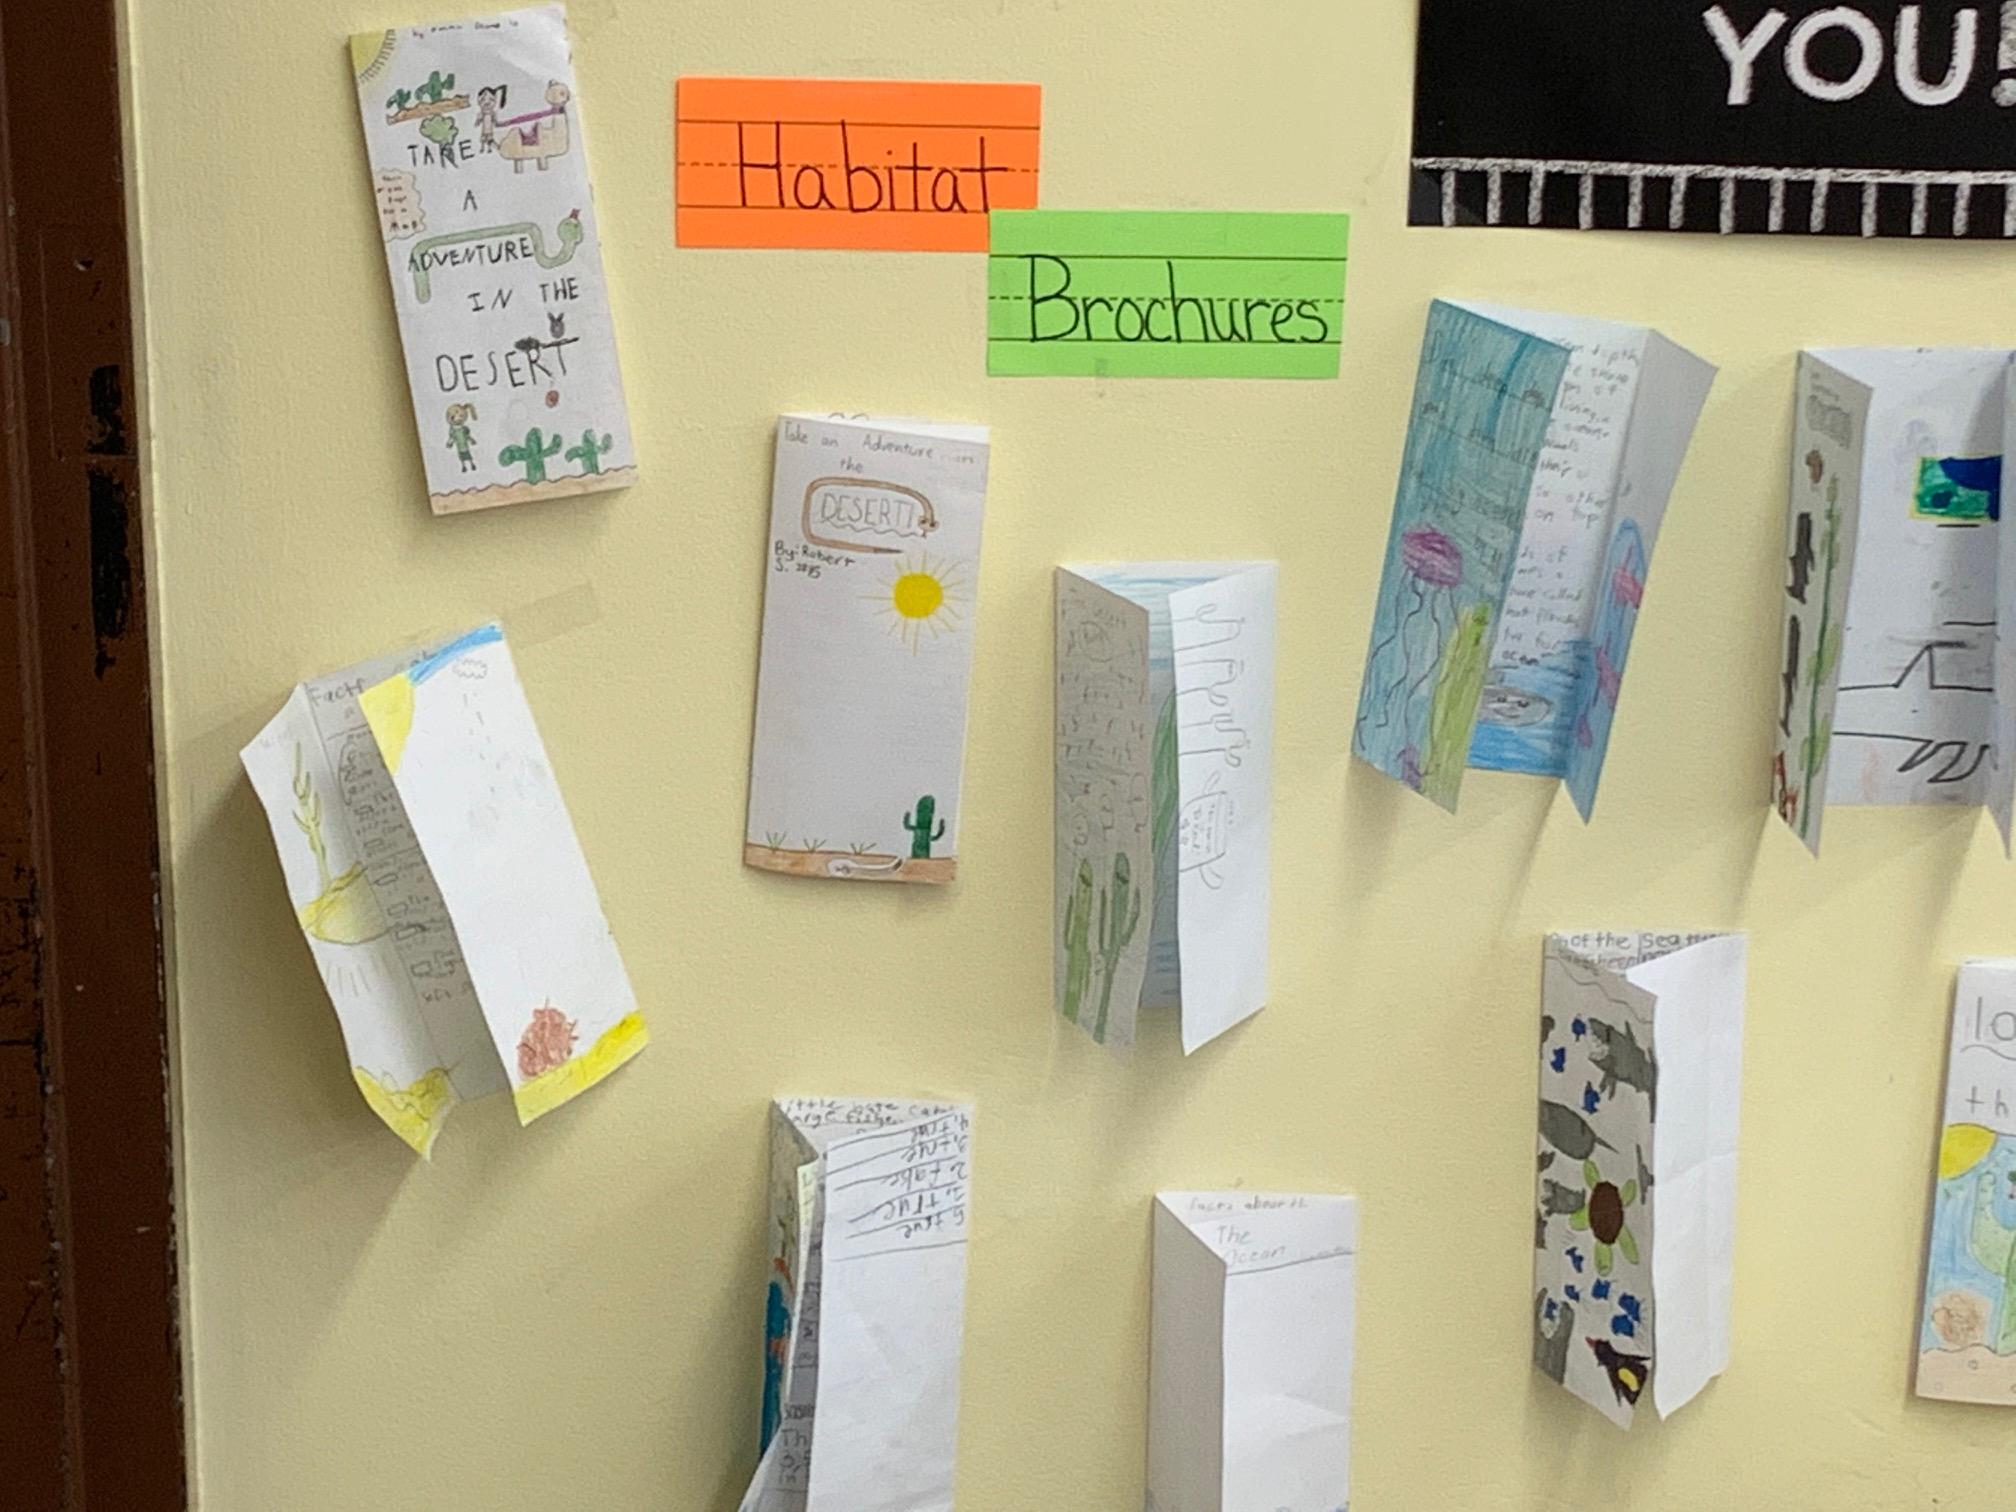 Habitat Brochures